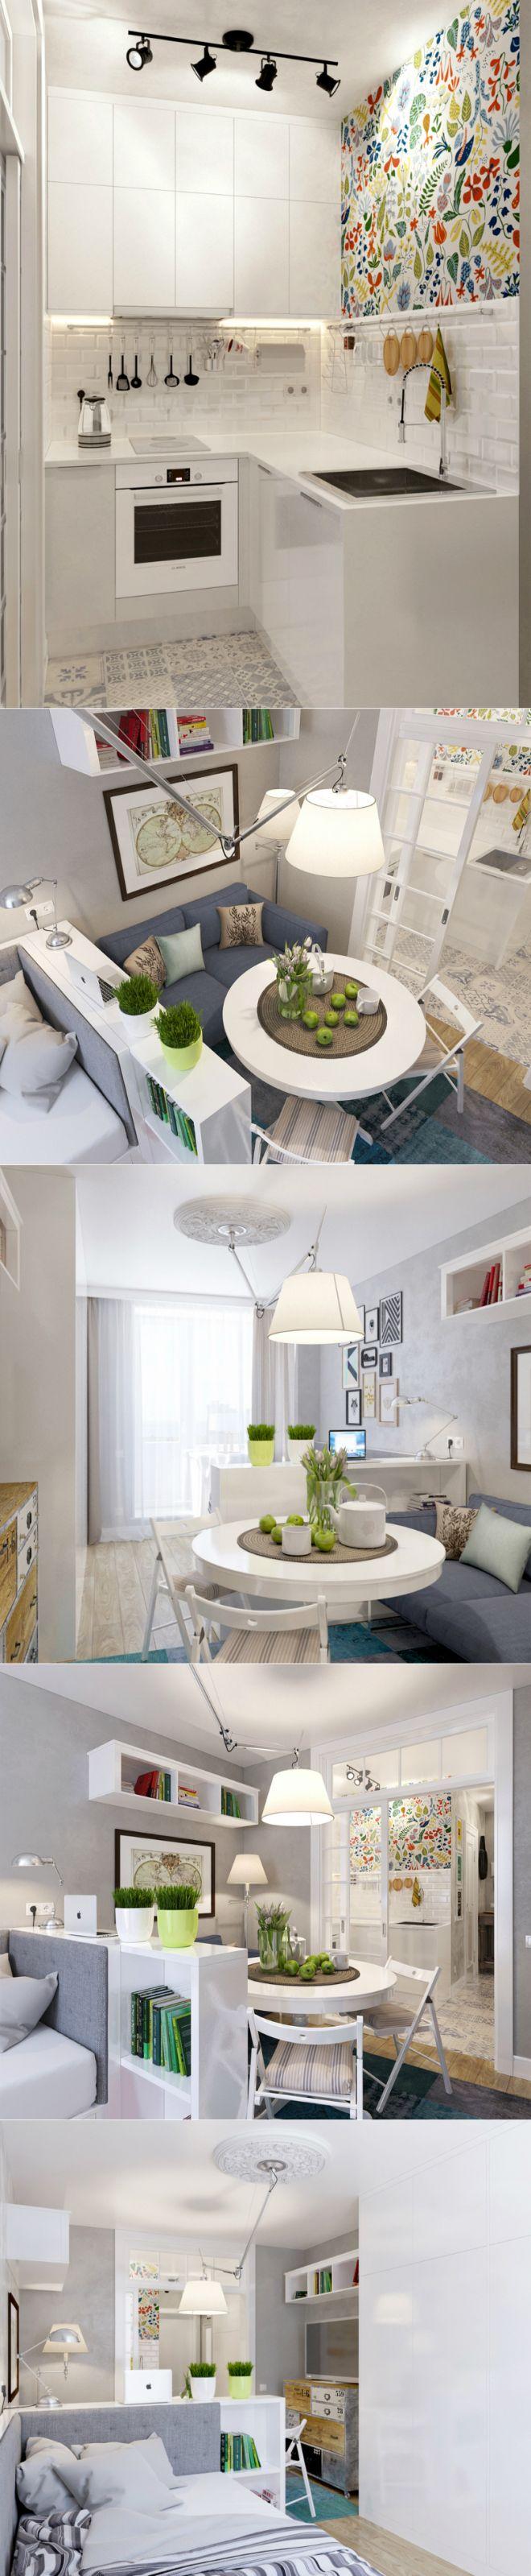 Стильное оформление маленькой квартиры — Роскошь и уют